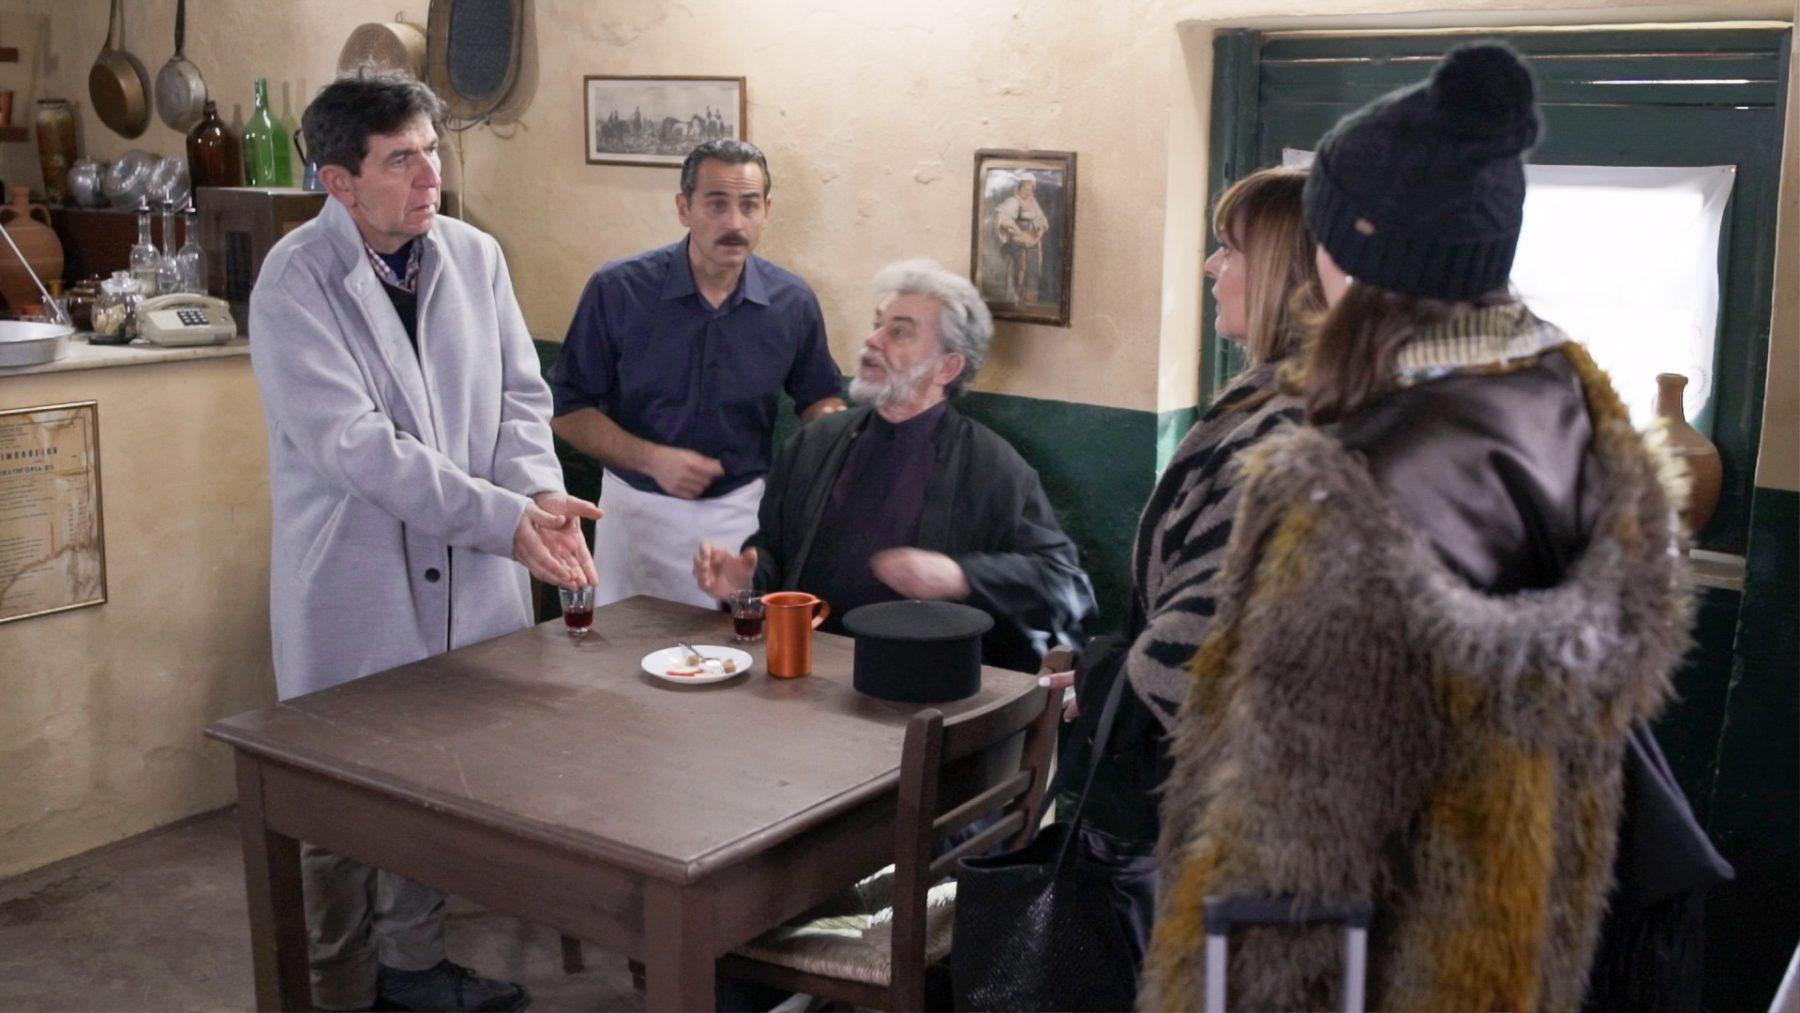 Αποκλειστικό - Πατέρας και κόρη μαζί στην tv : Ο Γεράσιμος Σκιαδαρέσης παίζει με την κόρη του Όλγα στο Καφέ της Χαράς